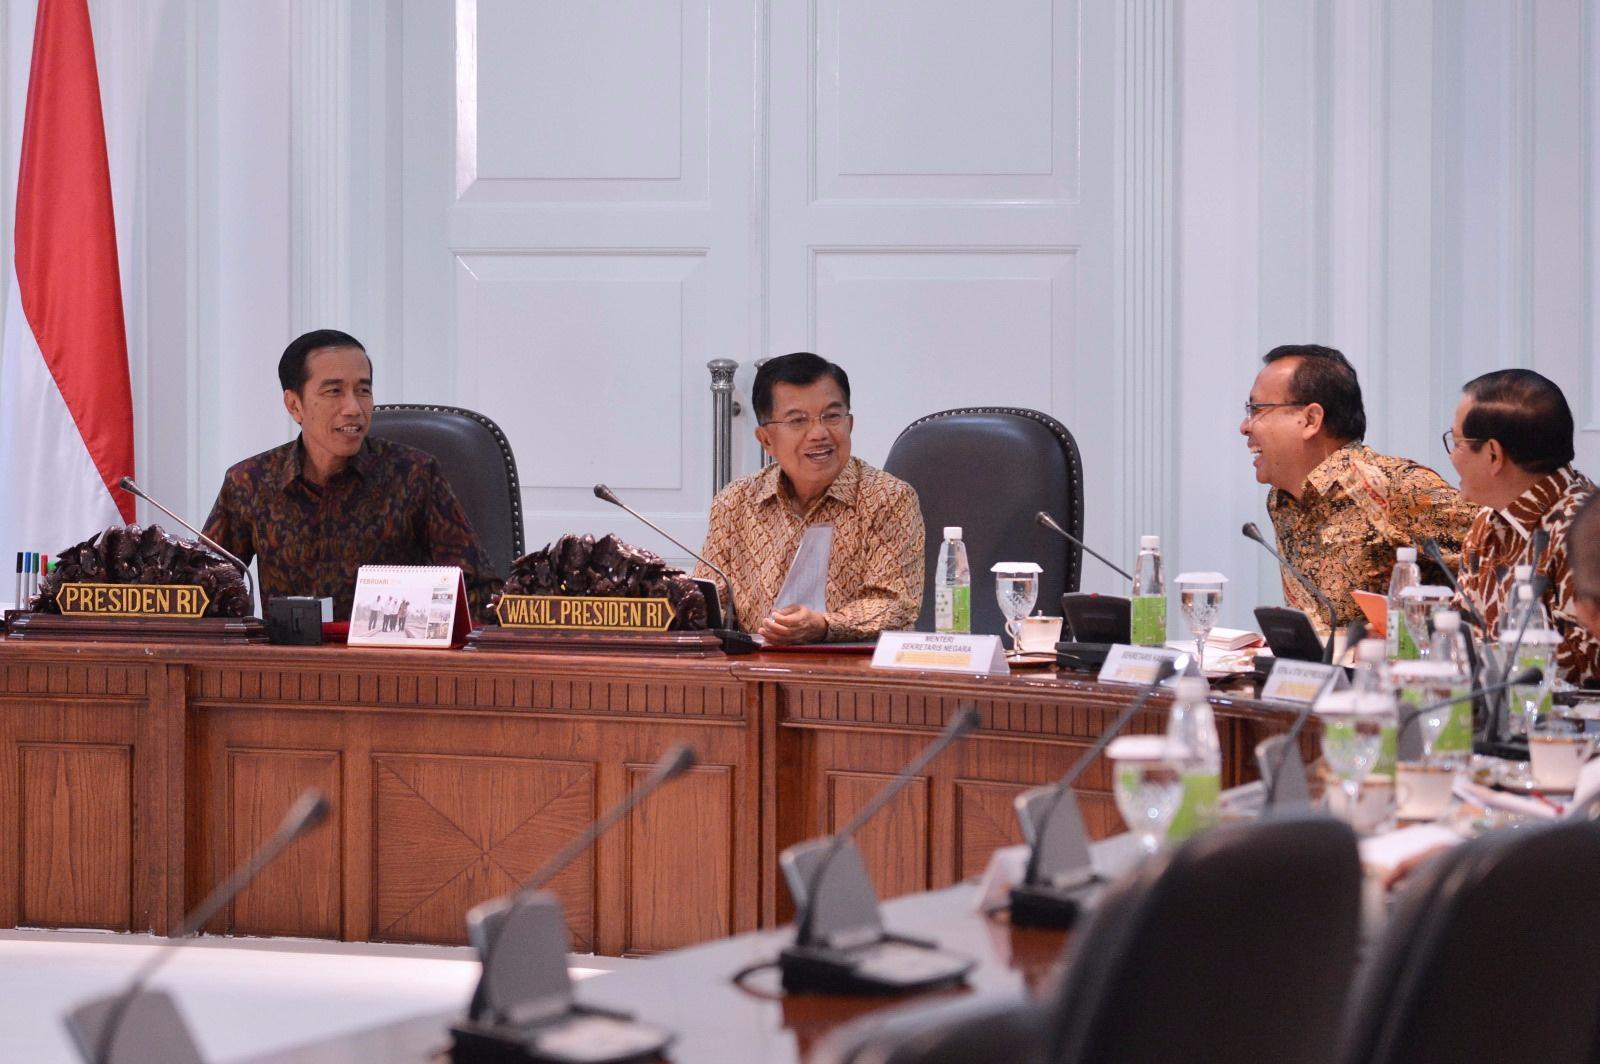 National Photos Produk Ukm Bumn Sutra Super Pemerintah Segera Wujudkan Holdingnisasi Lincah Dan Bersaing